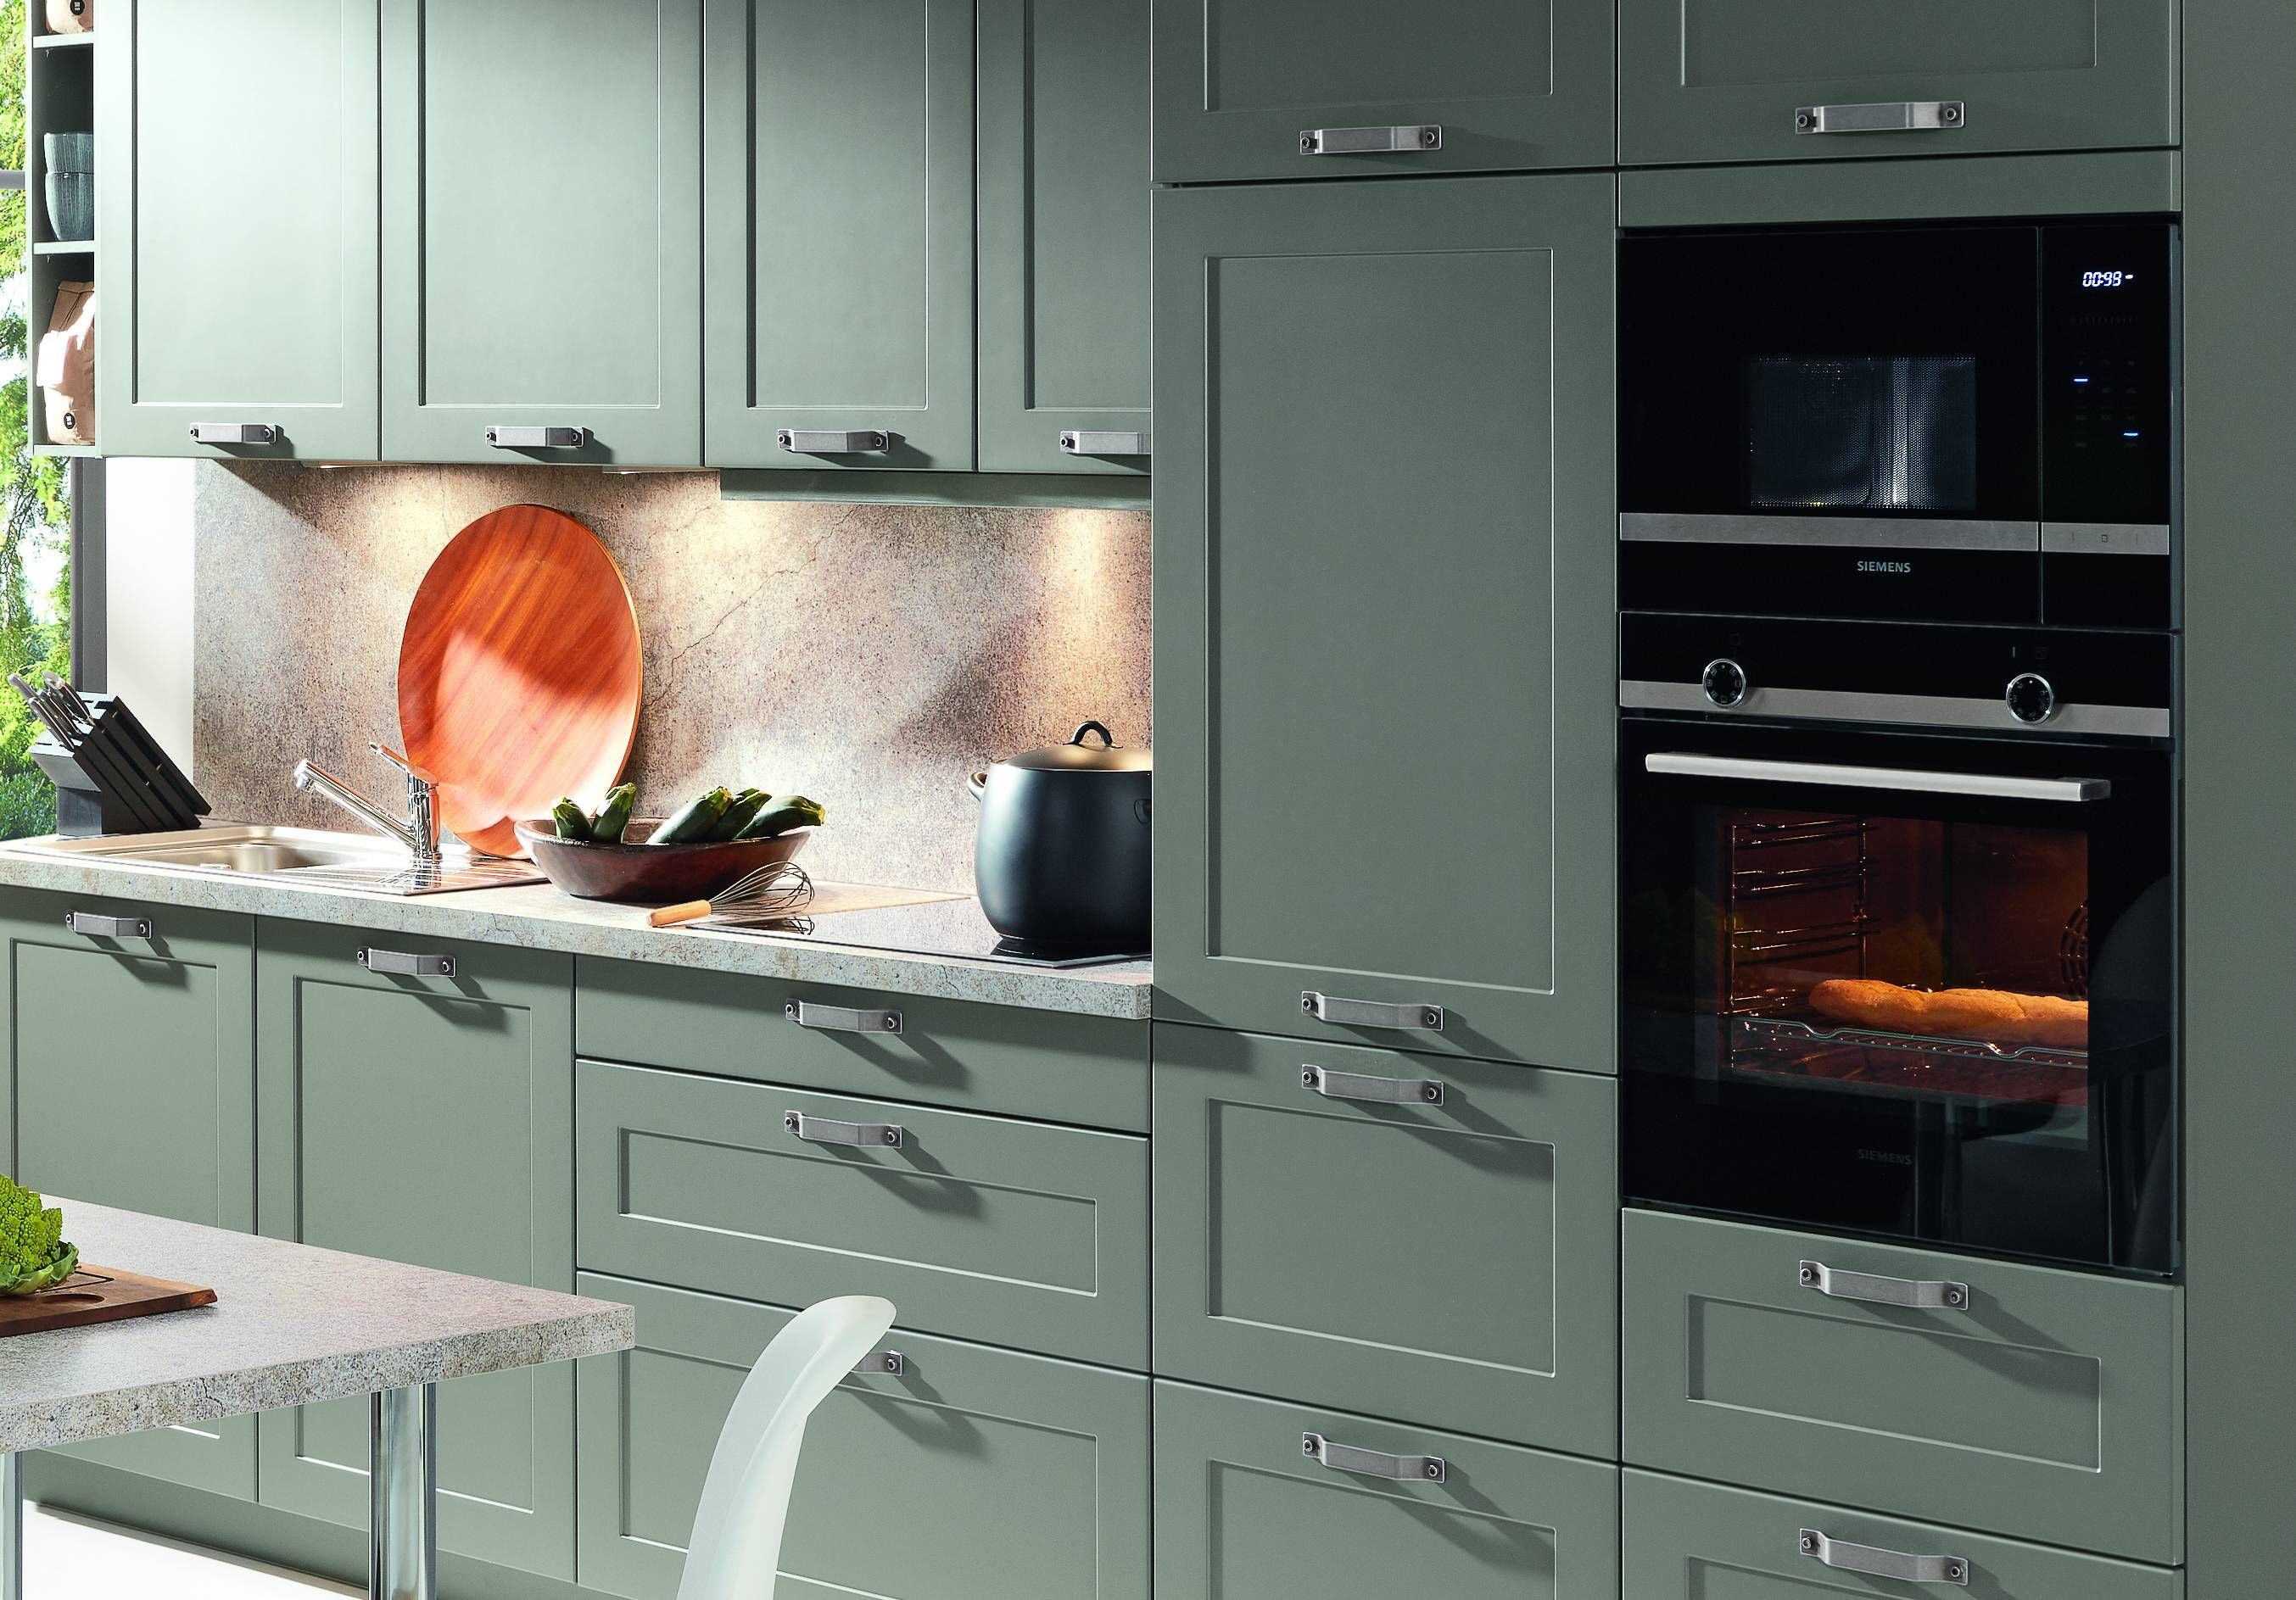 Kurze Breite Griffe Von Bauformat In Einer Kuchenzeile Mit Bildern Kuchengalerie Kuche Kuchen Inspiration